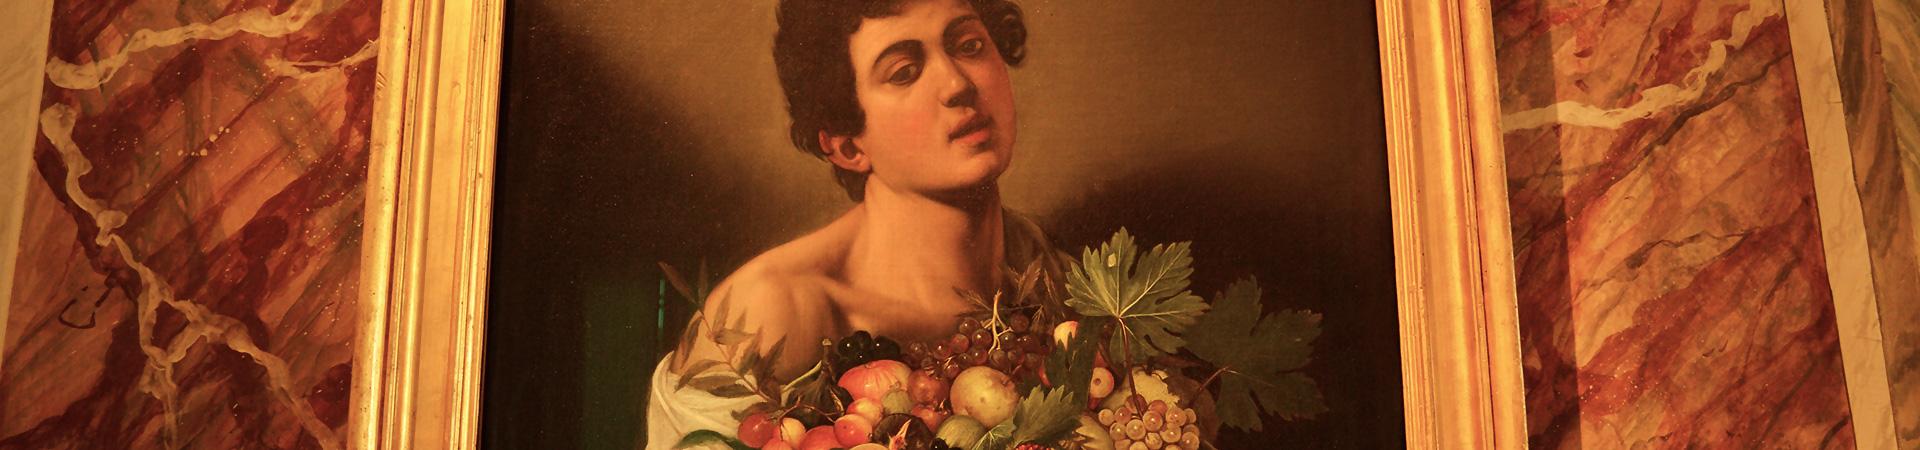 Caravaggio, Borghese Gallery.